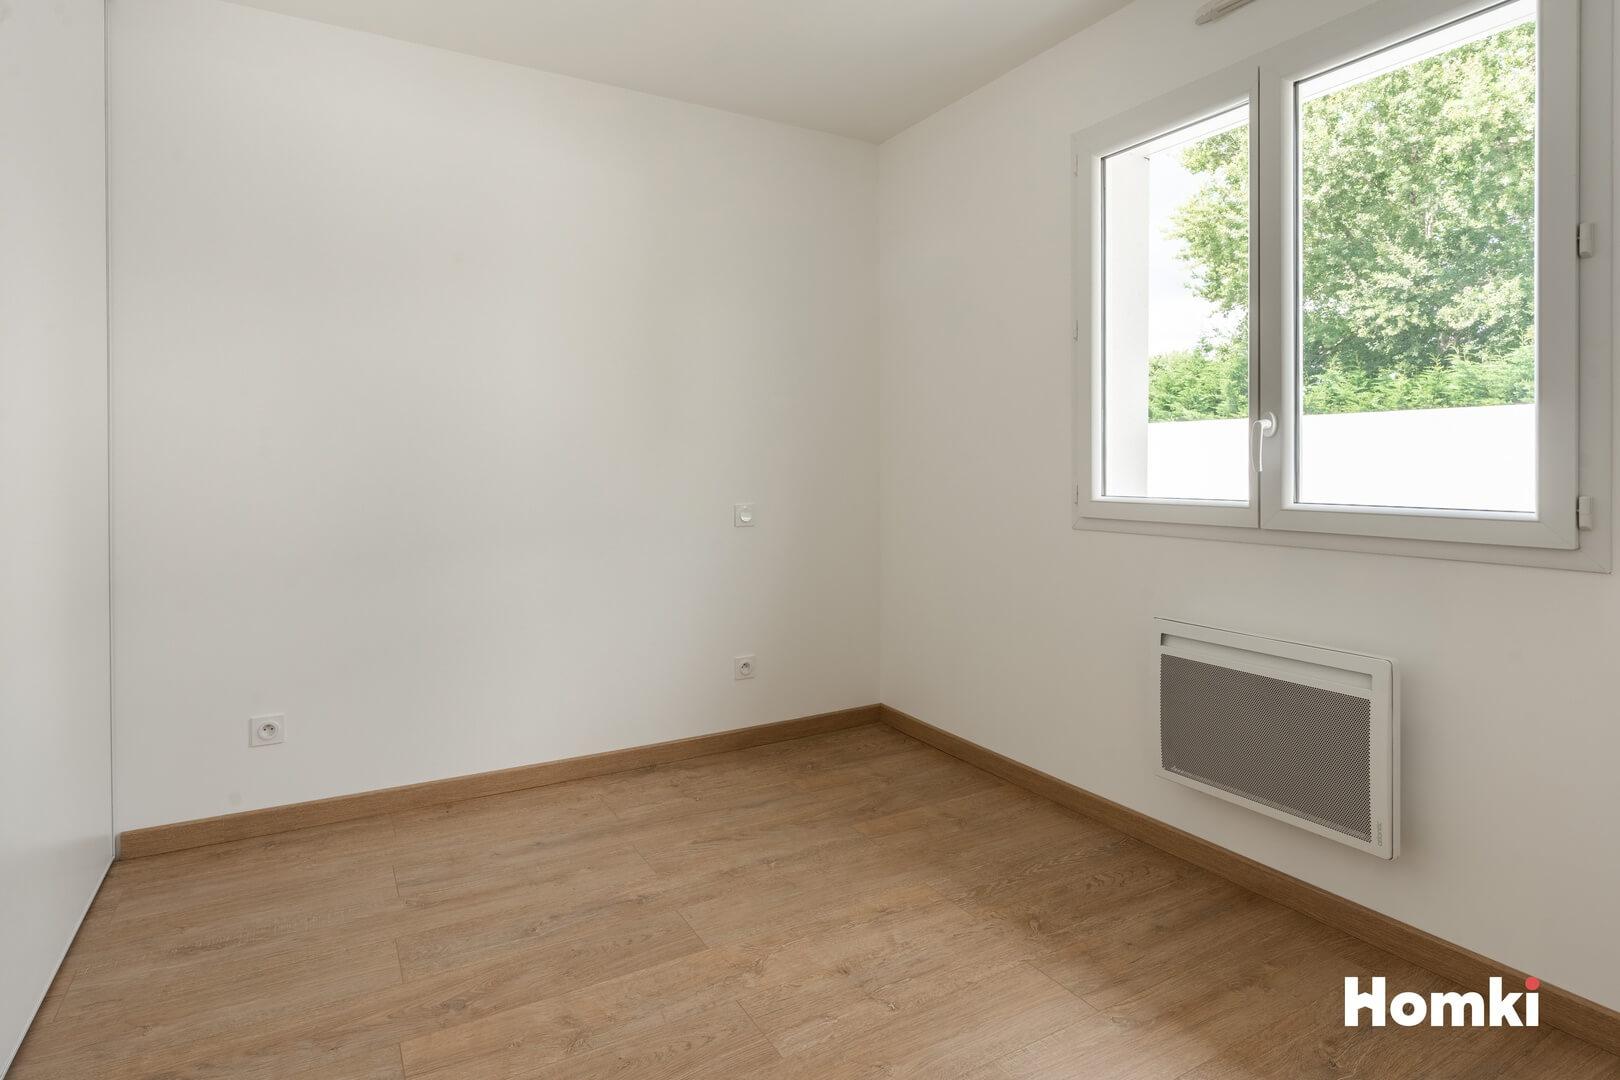 Homki - Vente Maison/villa  de 87.0 m² à Marcheprime 33380